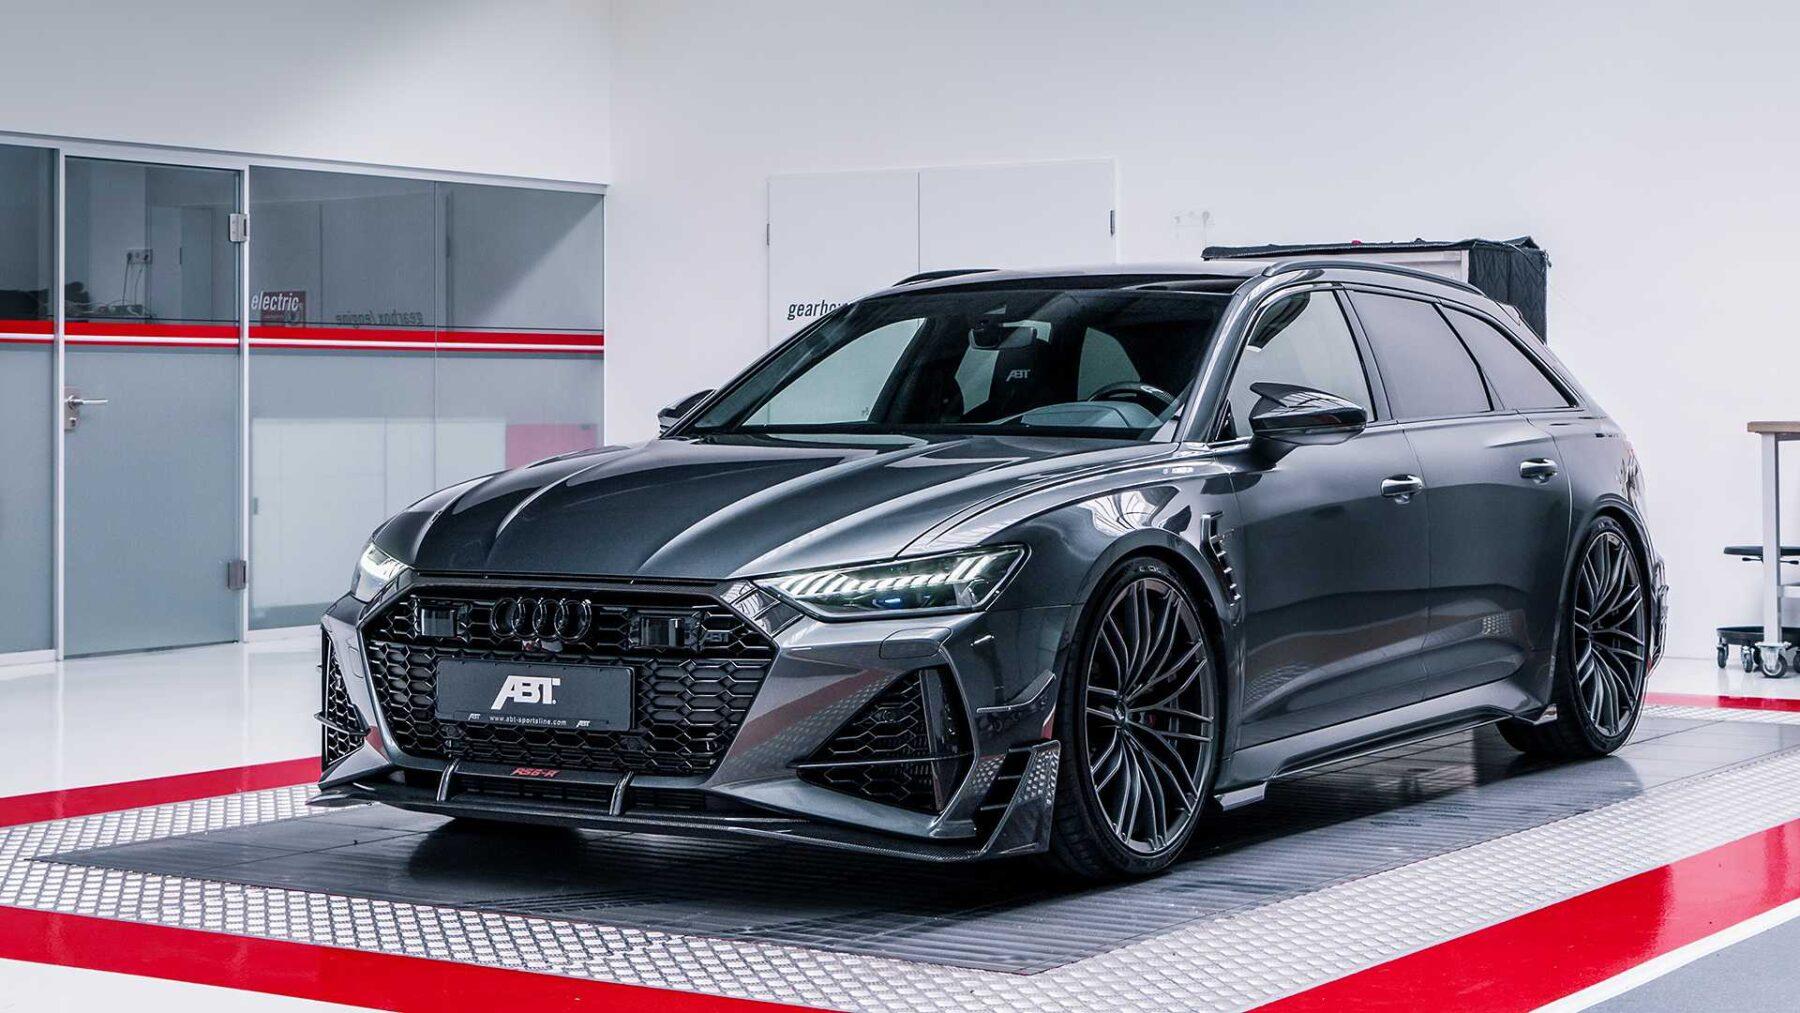 Asi Es El Esperado Audi Rs6 R De Abt 140 Cv Extra Para Crear Un Familiar Radical Y Unico